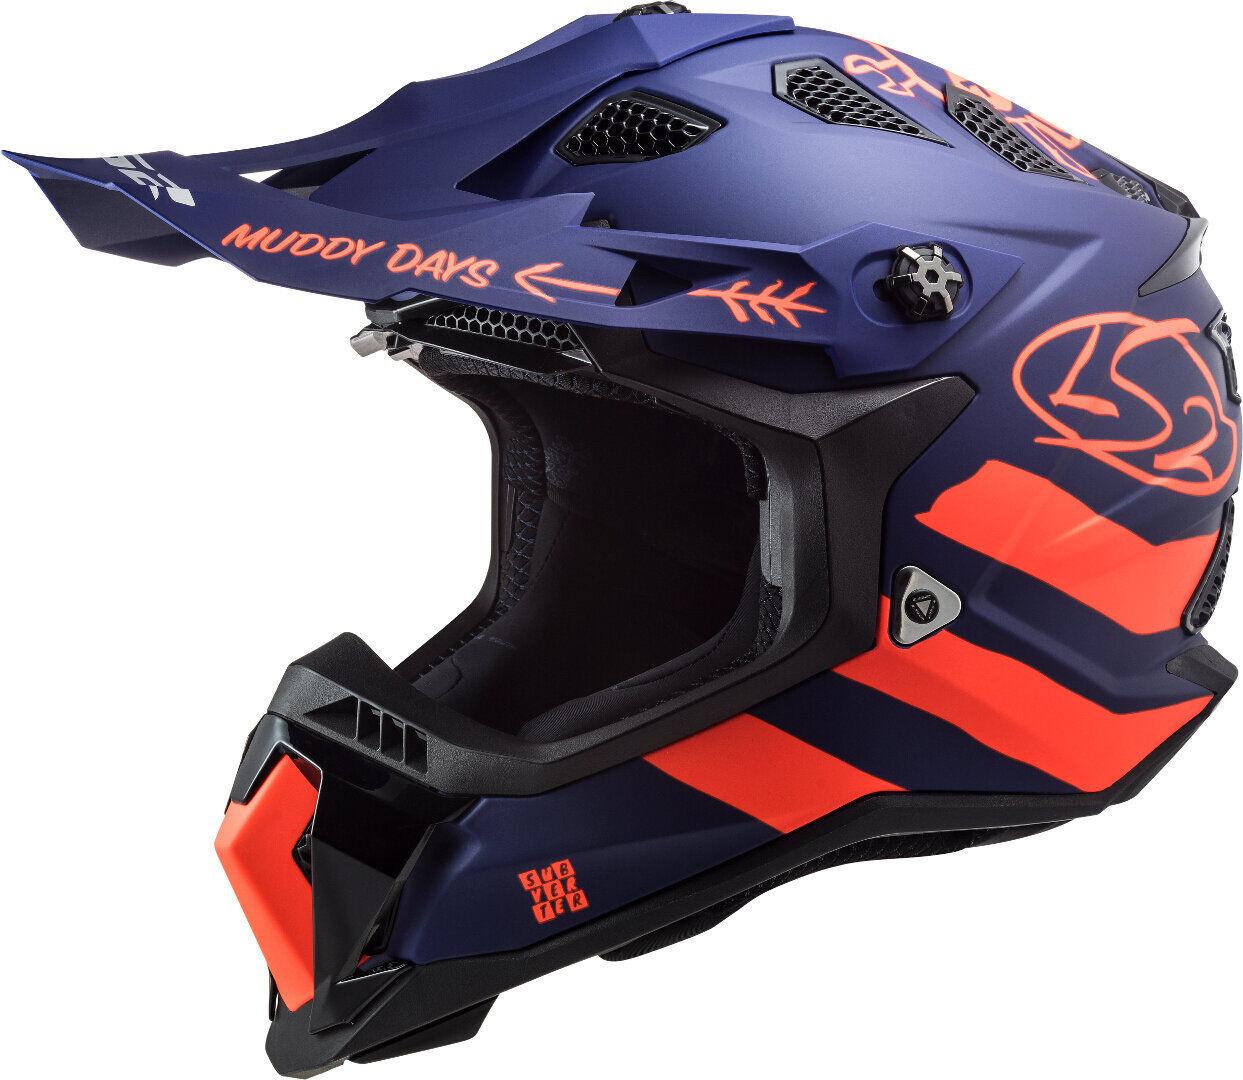 LS2 MX700 Subverter Evo Cargo Casco motocross